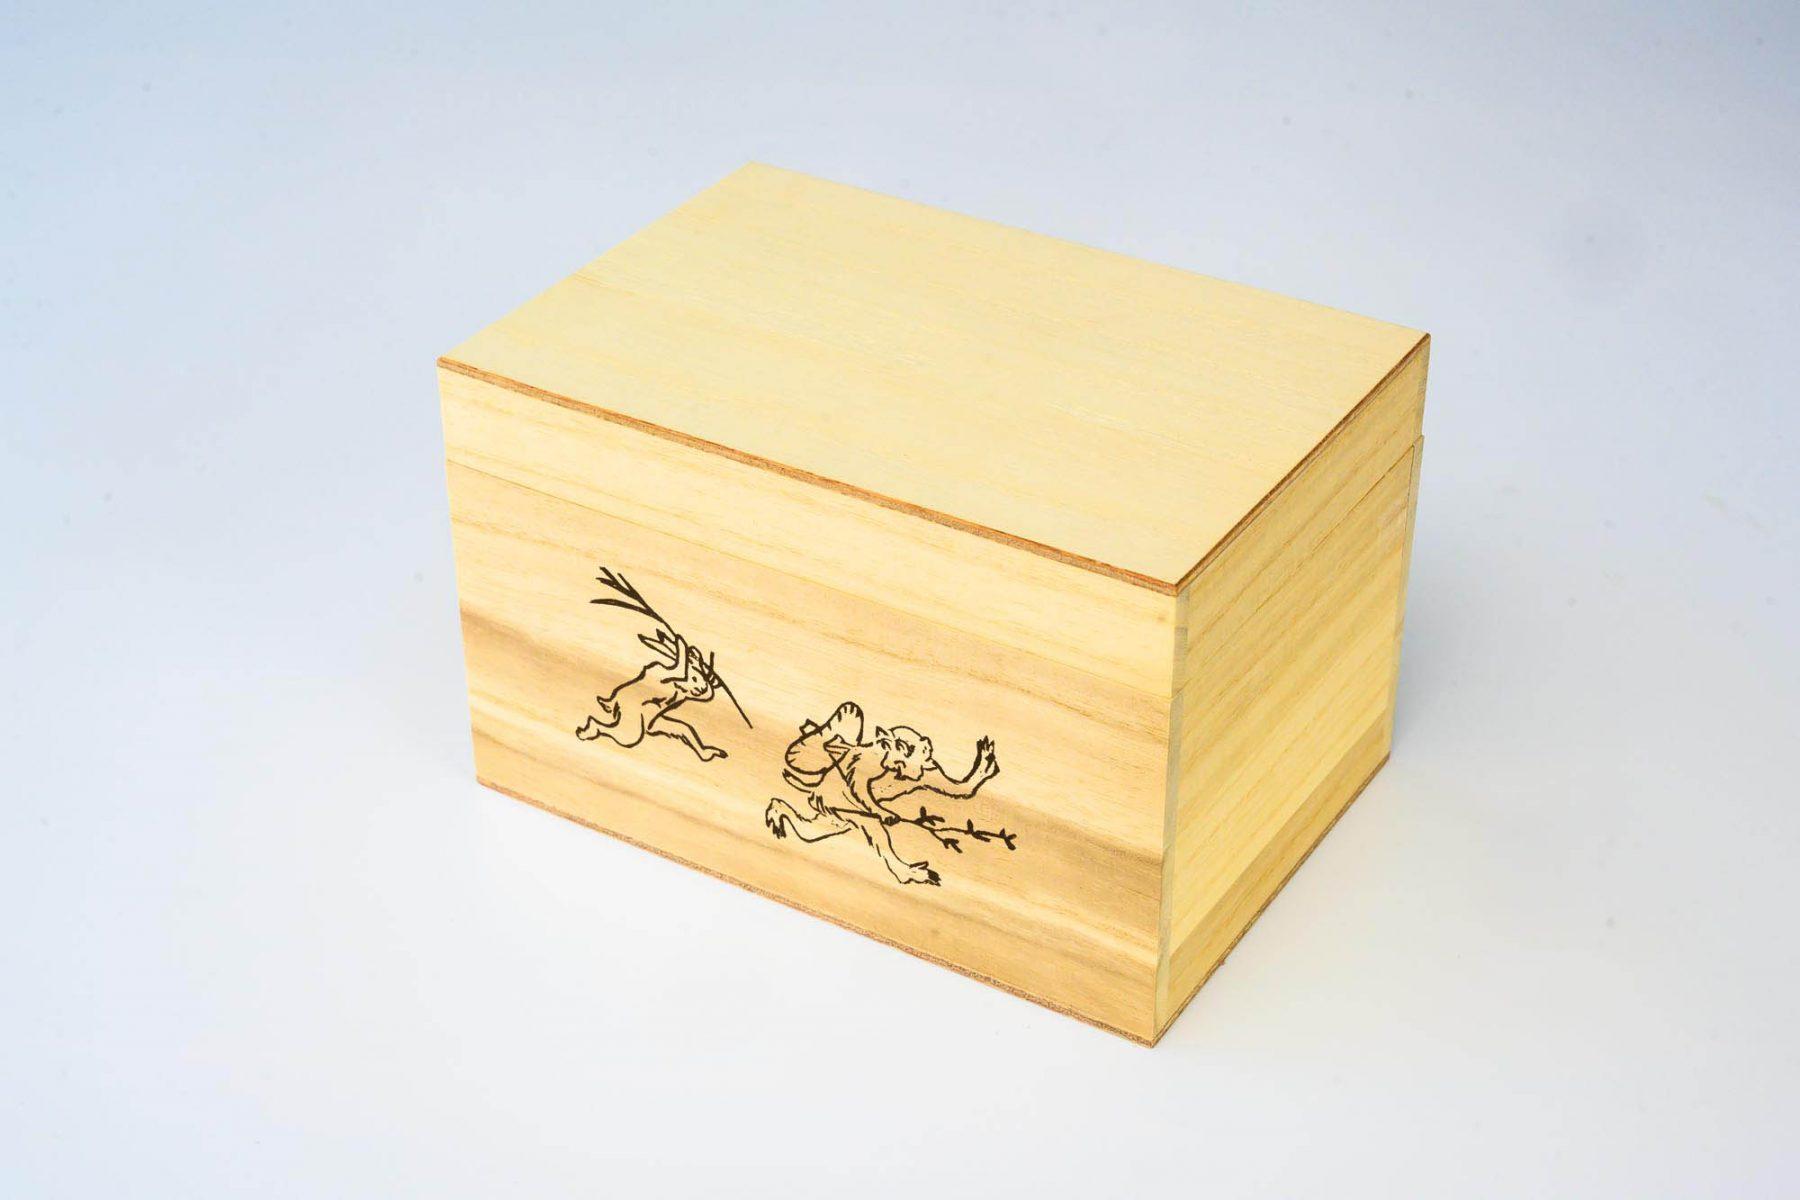 雅柳様「鳥獣戯画桐箱入煎茶」お茶箱